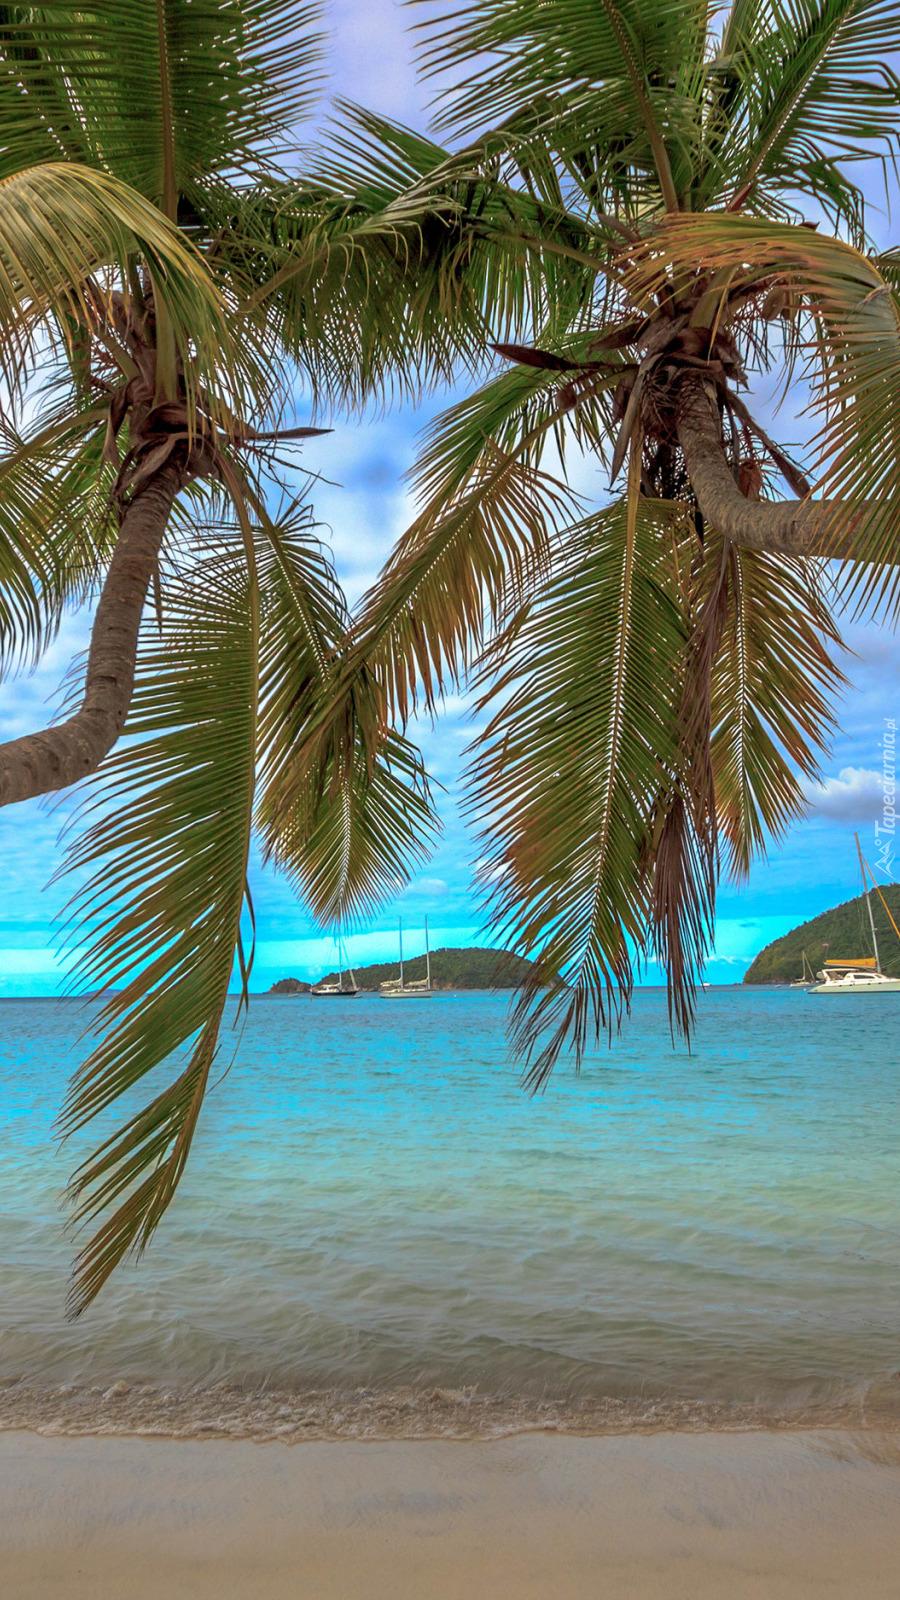 Dwie palmy pochylone nad brzegiem morza